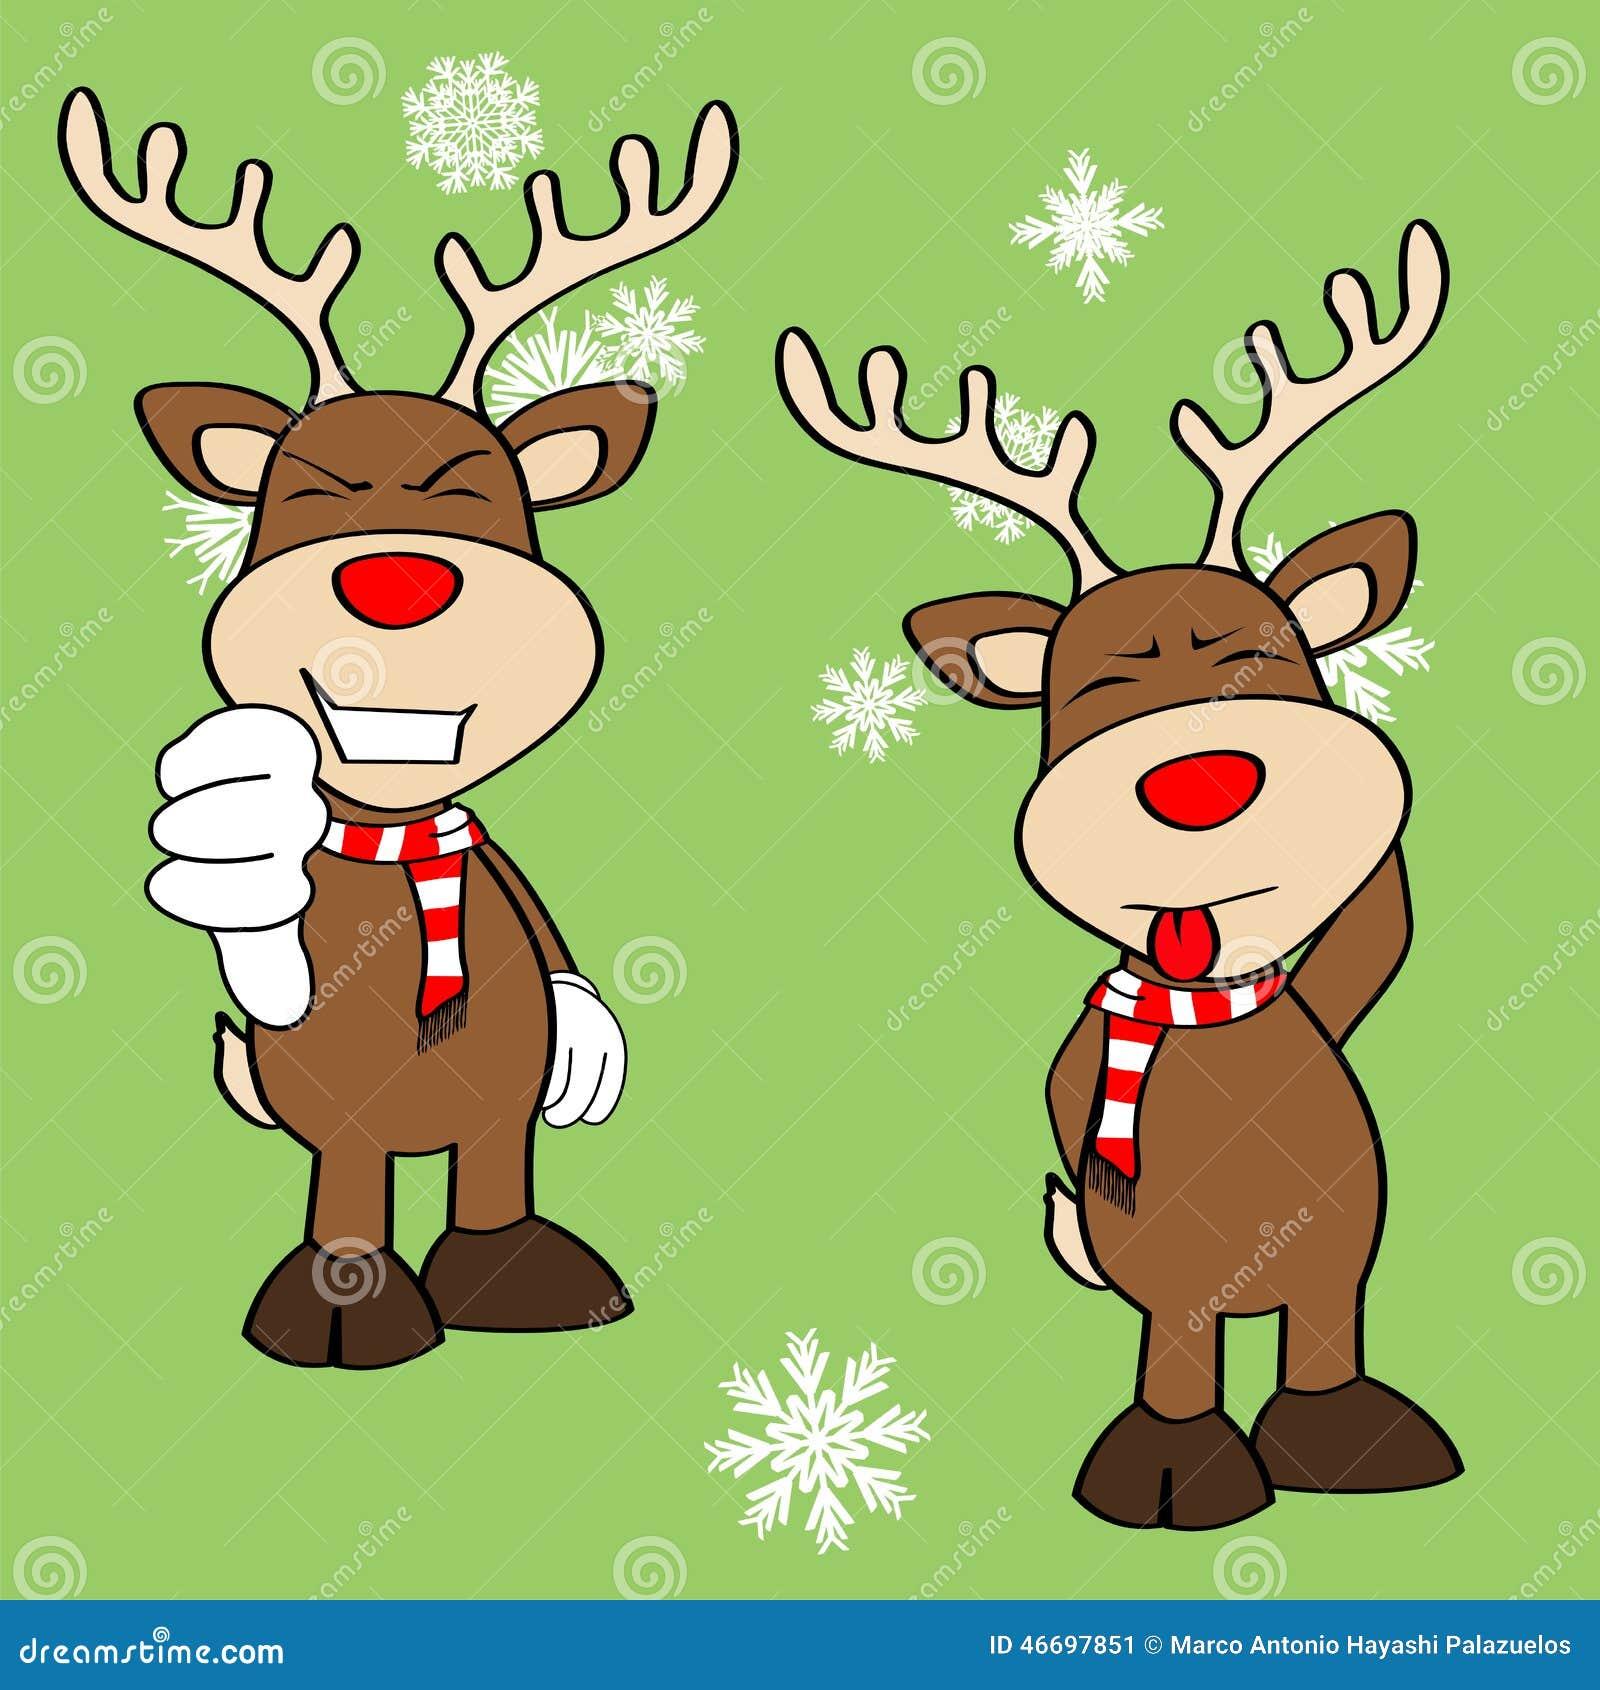 Immagini Natalizie Simpatiche.Emozioni Divertenti Set4 Del Fumetto Di Natale Della Renna Illustrazione Vettoriale Illustrazione Di Festivo Bianco 46697851